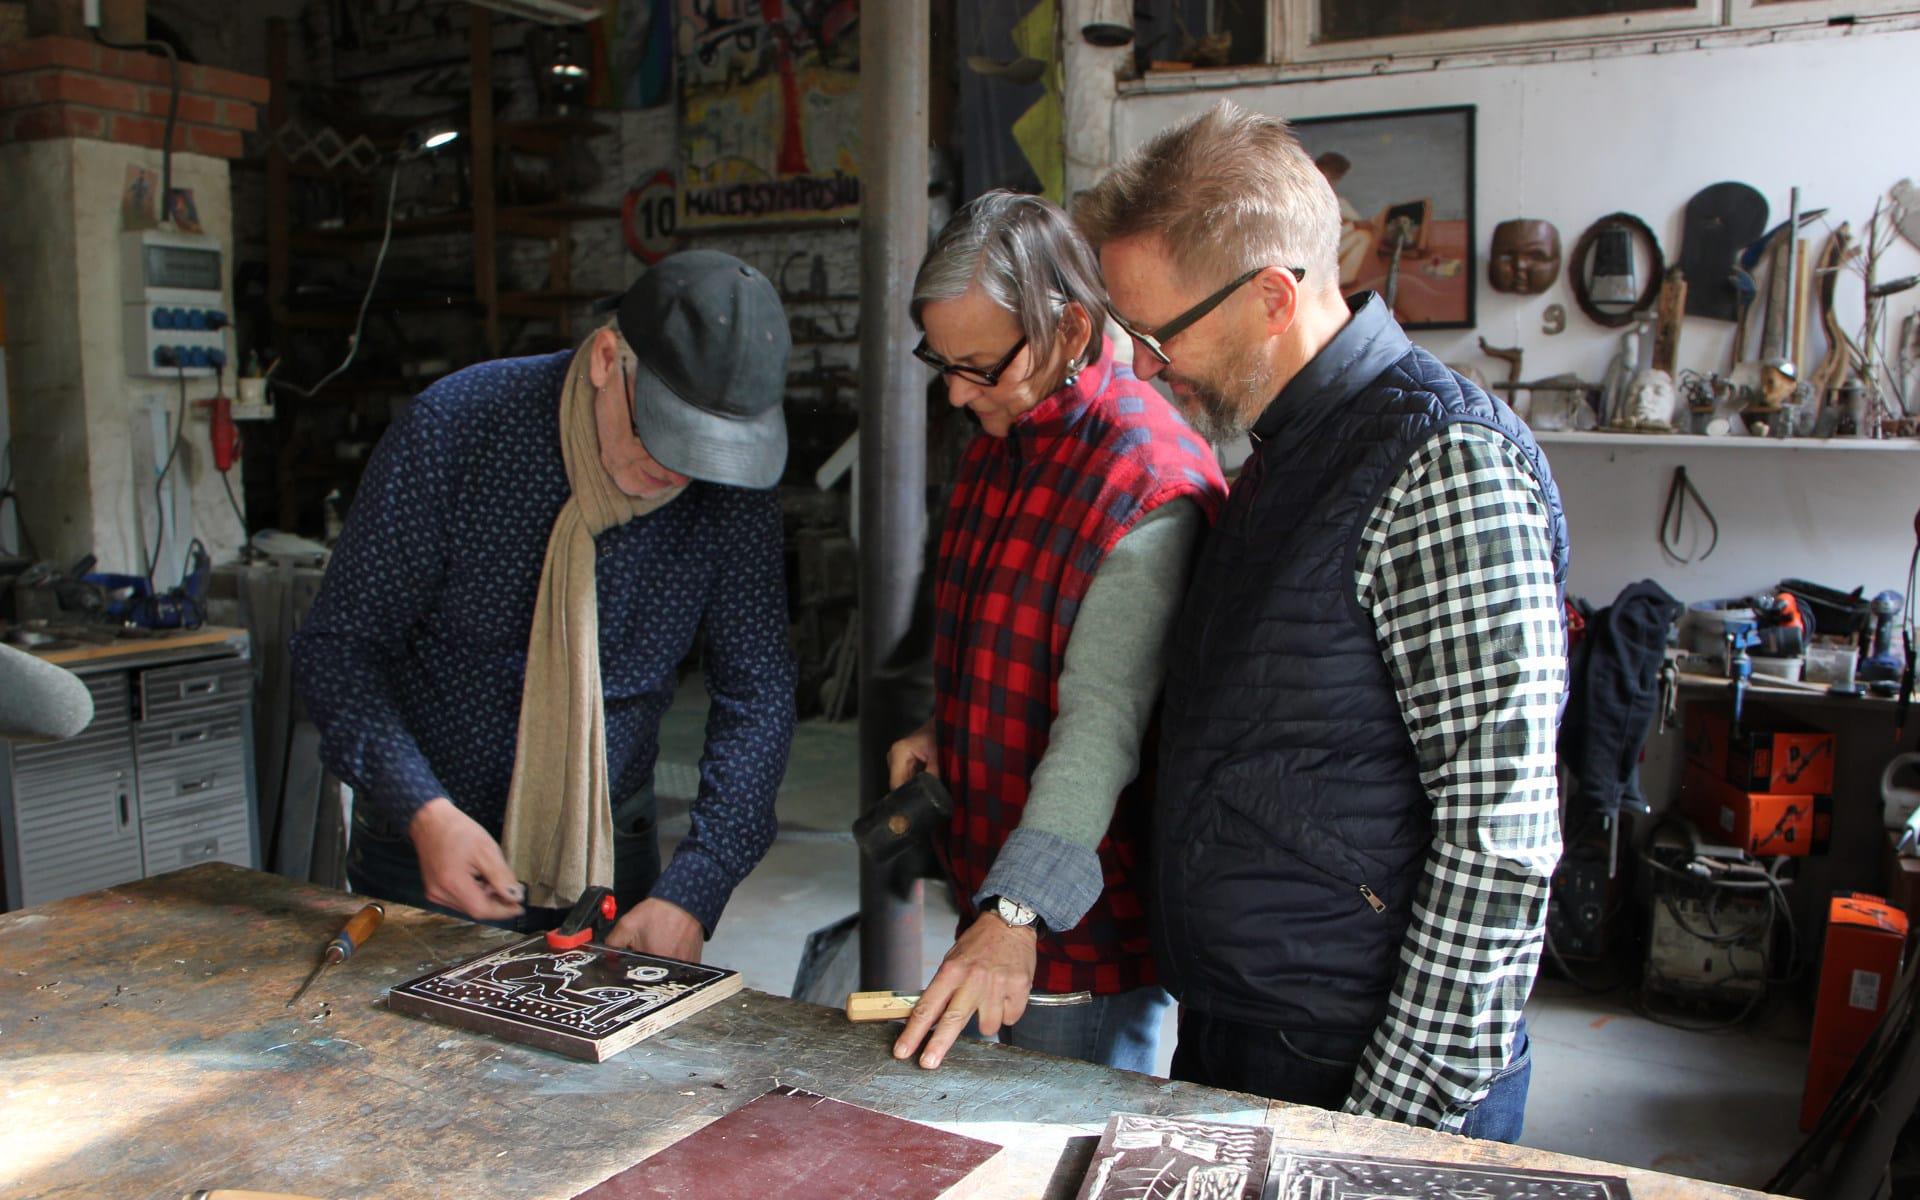 Kunsttour Karwe - Zwei Gäste beim Holzschnitt Workshop zusammen mit dem Künstler in der Werkstatt